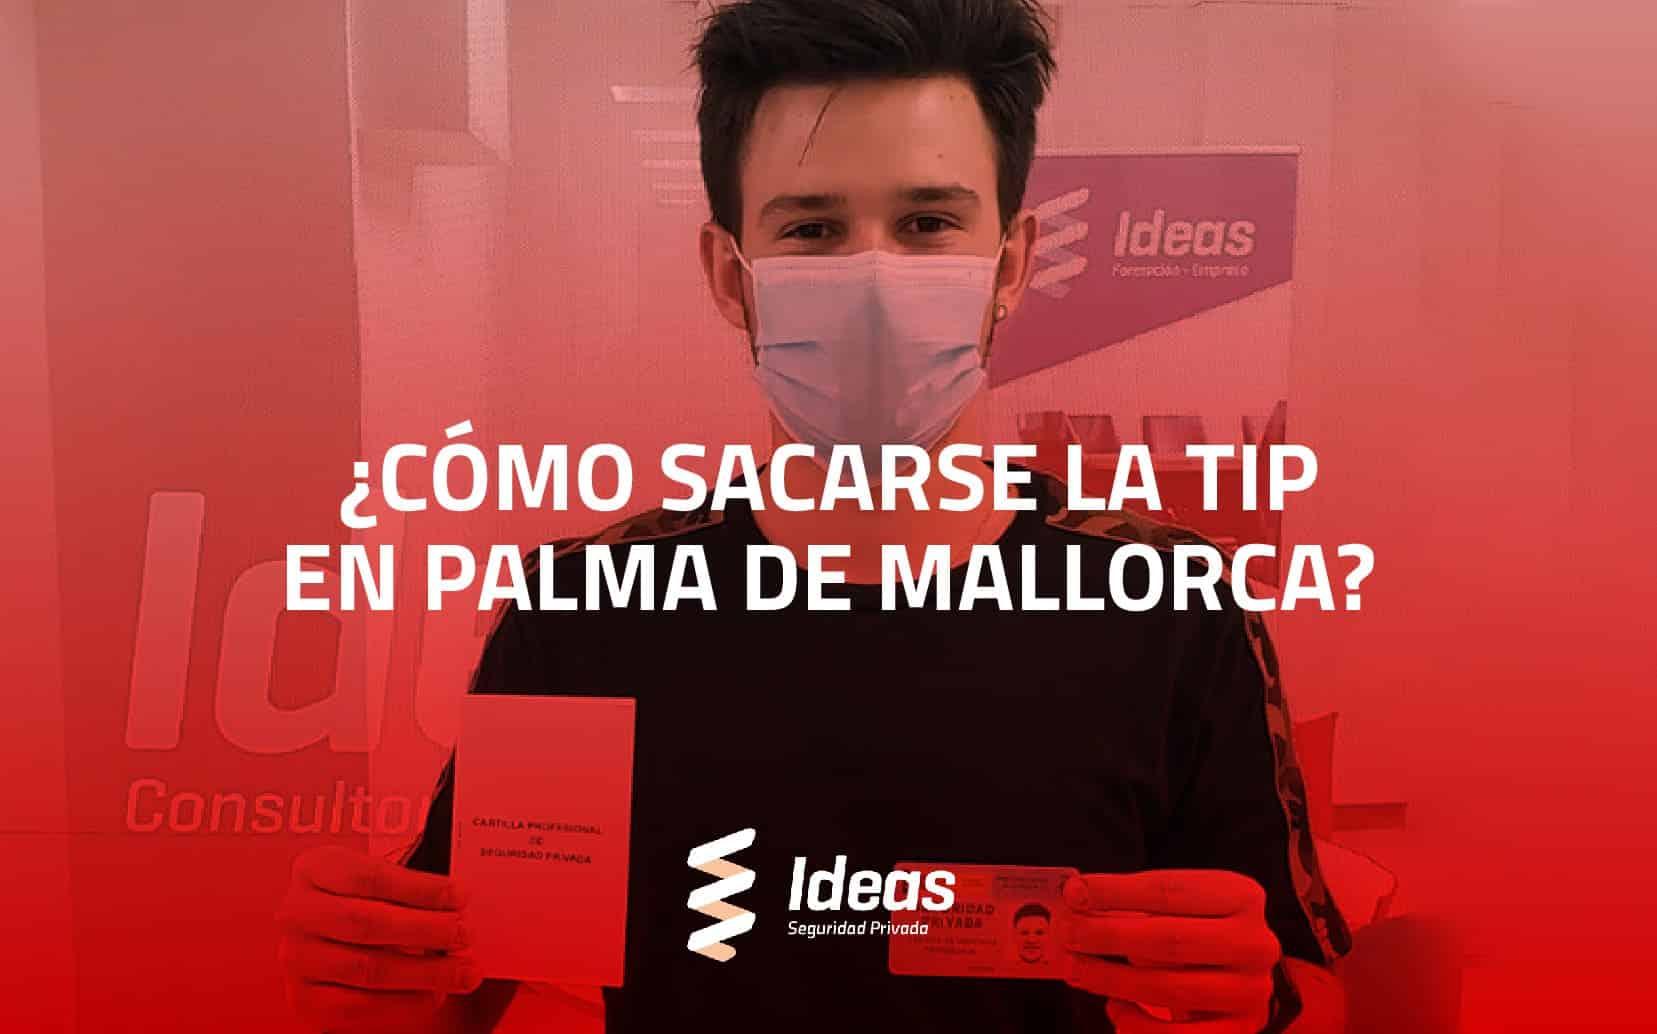 ¿Cómo sacarse la TIP en Palma de Mallorca?